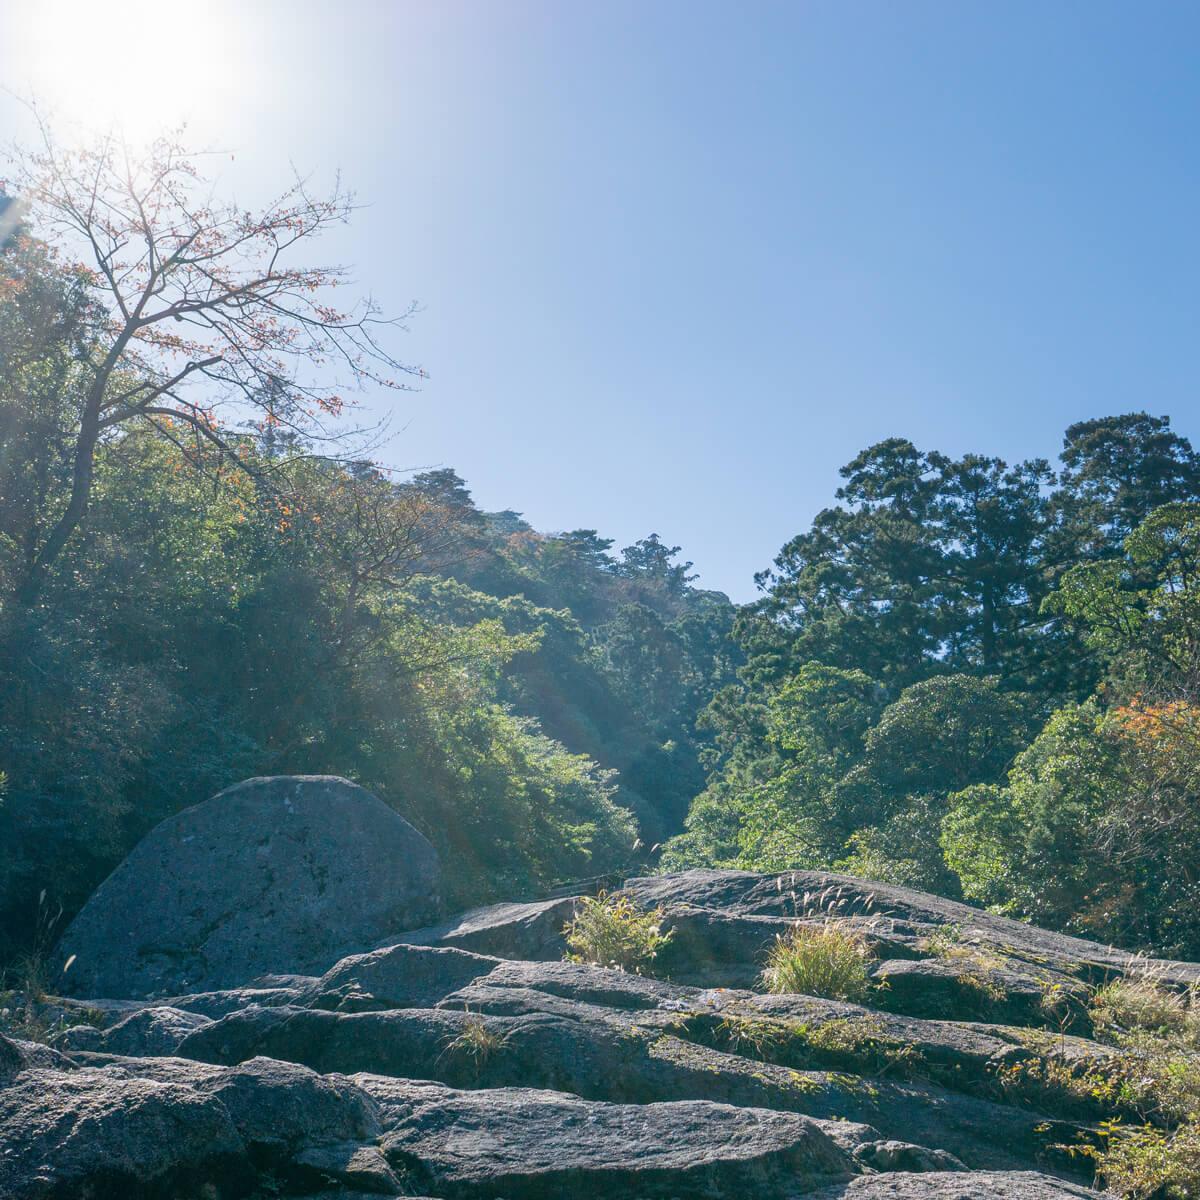 岩山 屋久島 白谷雲水峡 屋久島森とジュエリー オーダーメイドジュエリーのインスピレーション